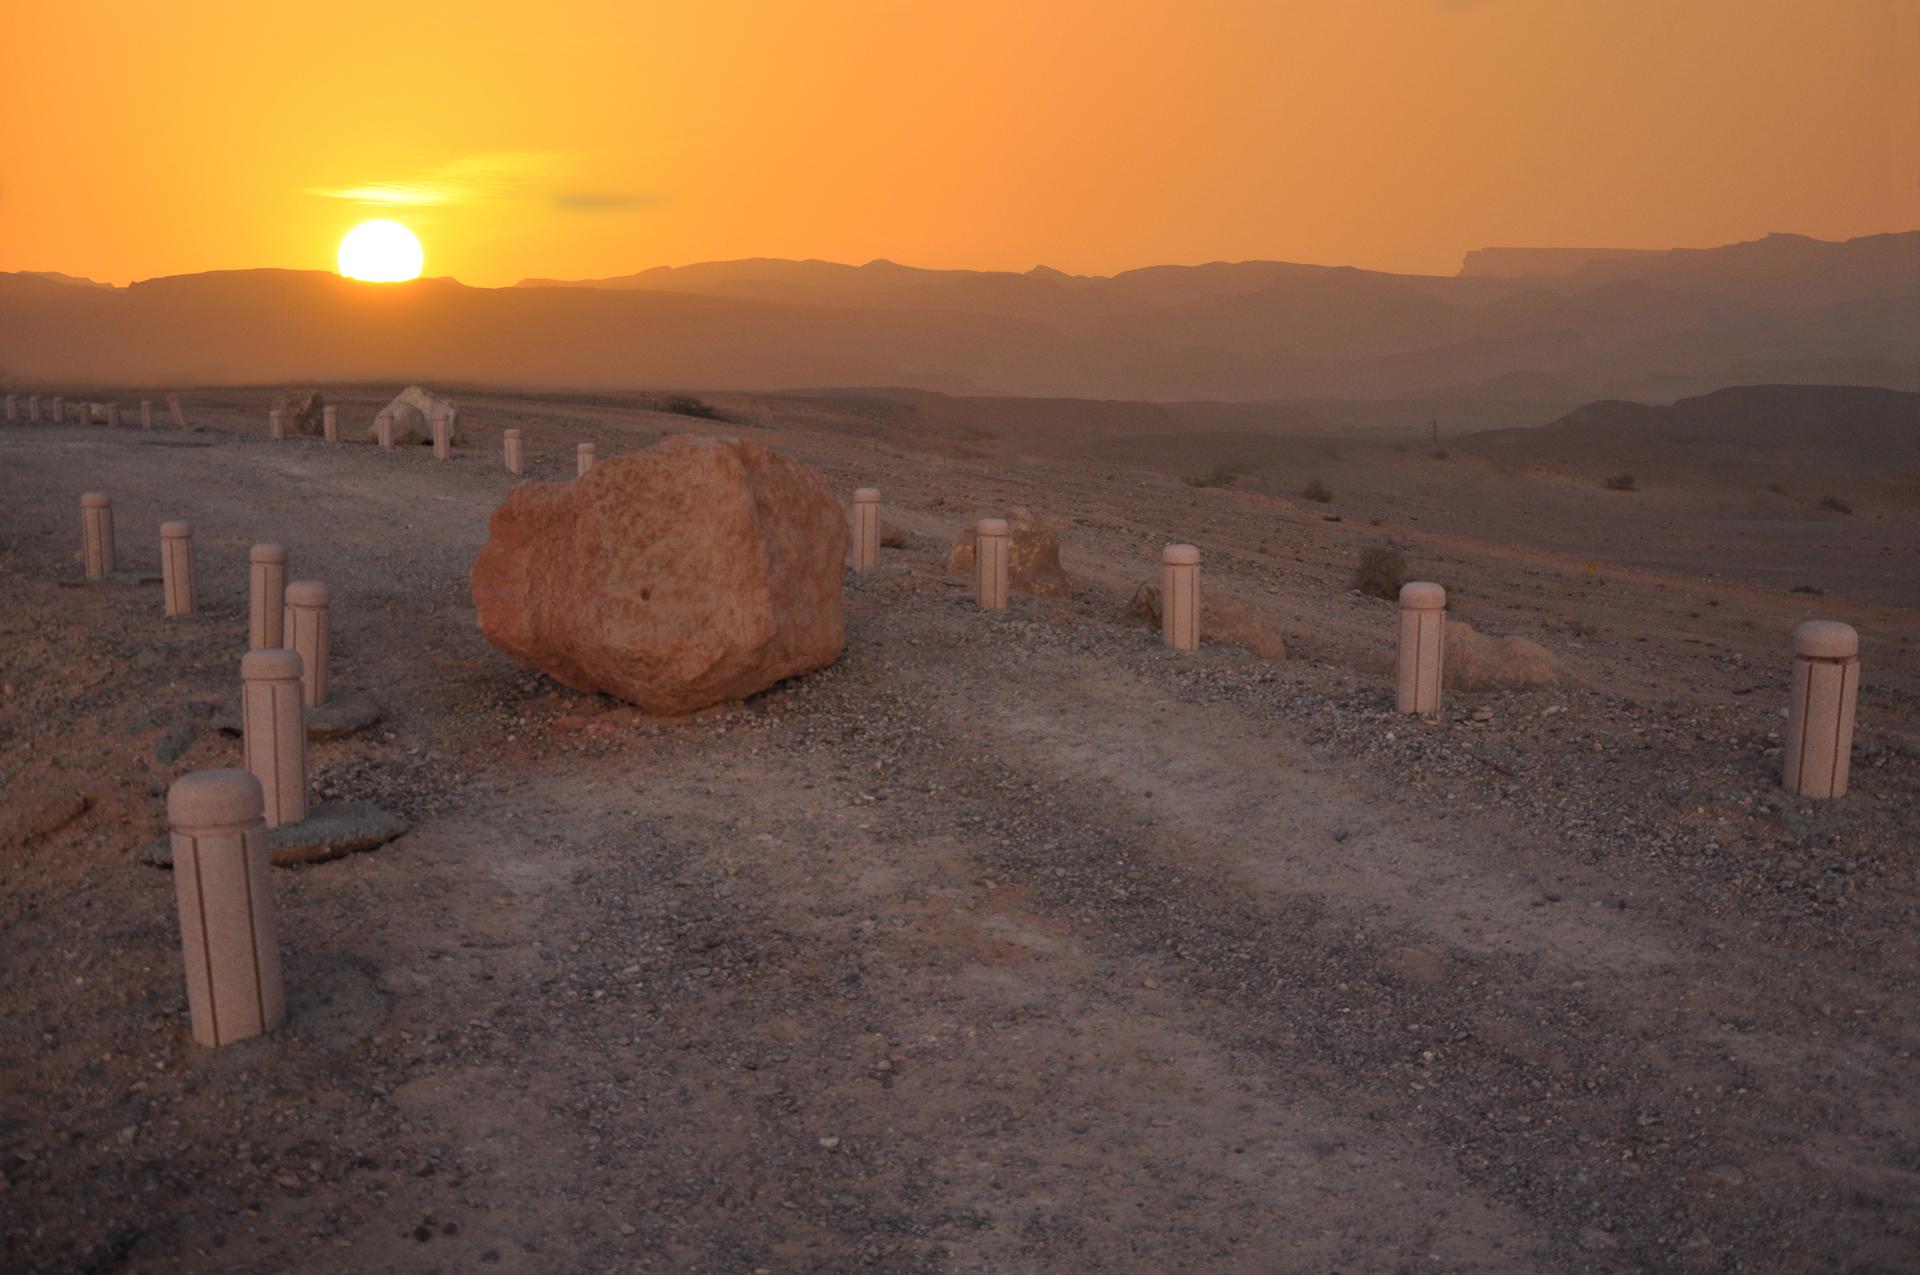 יואל שתרוג - אדמה יוצרת - yoel sitruk -שקיעה- חלום במדבר - ערבה